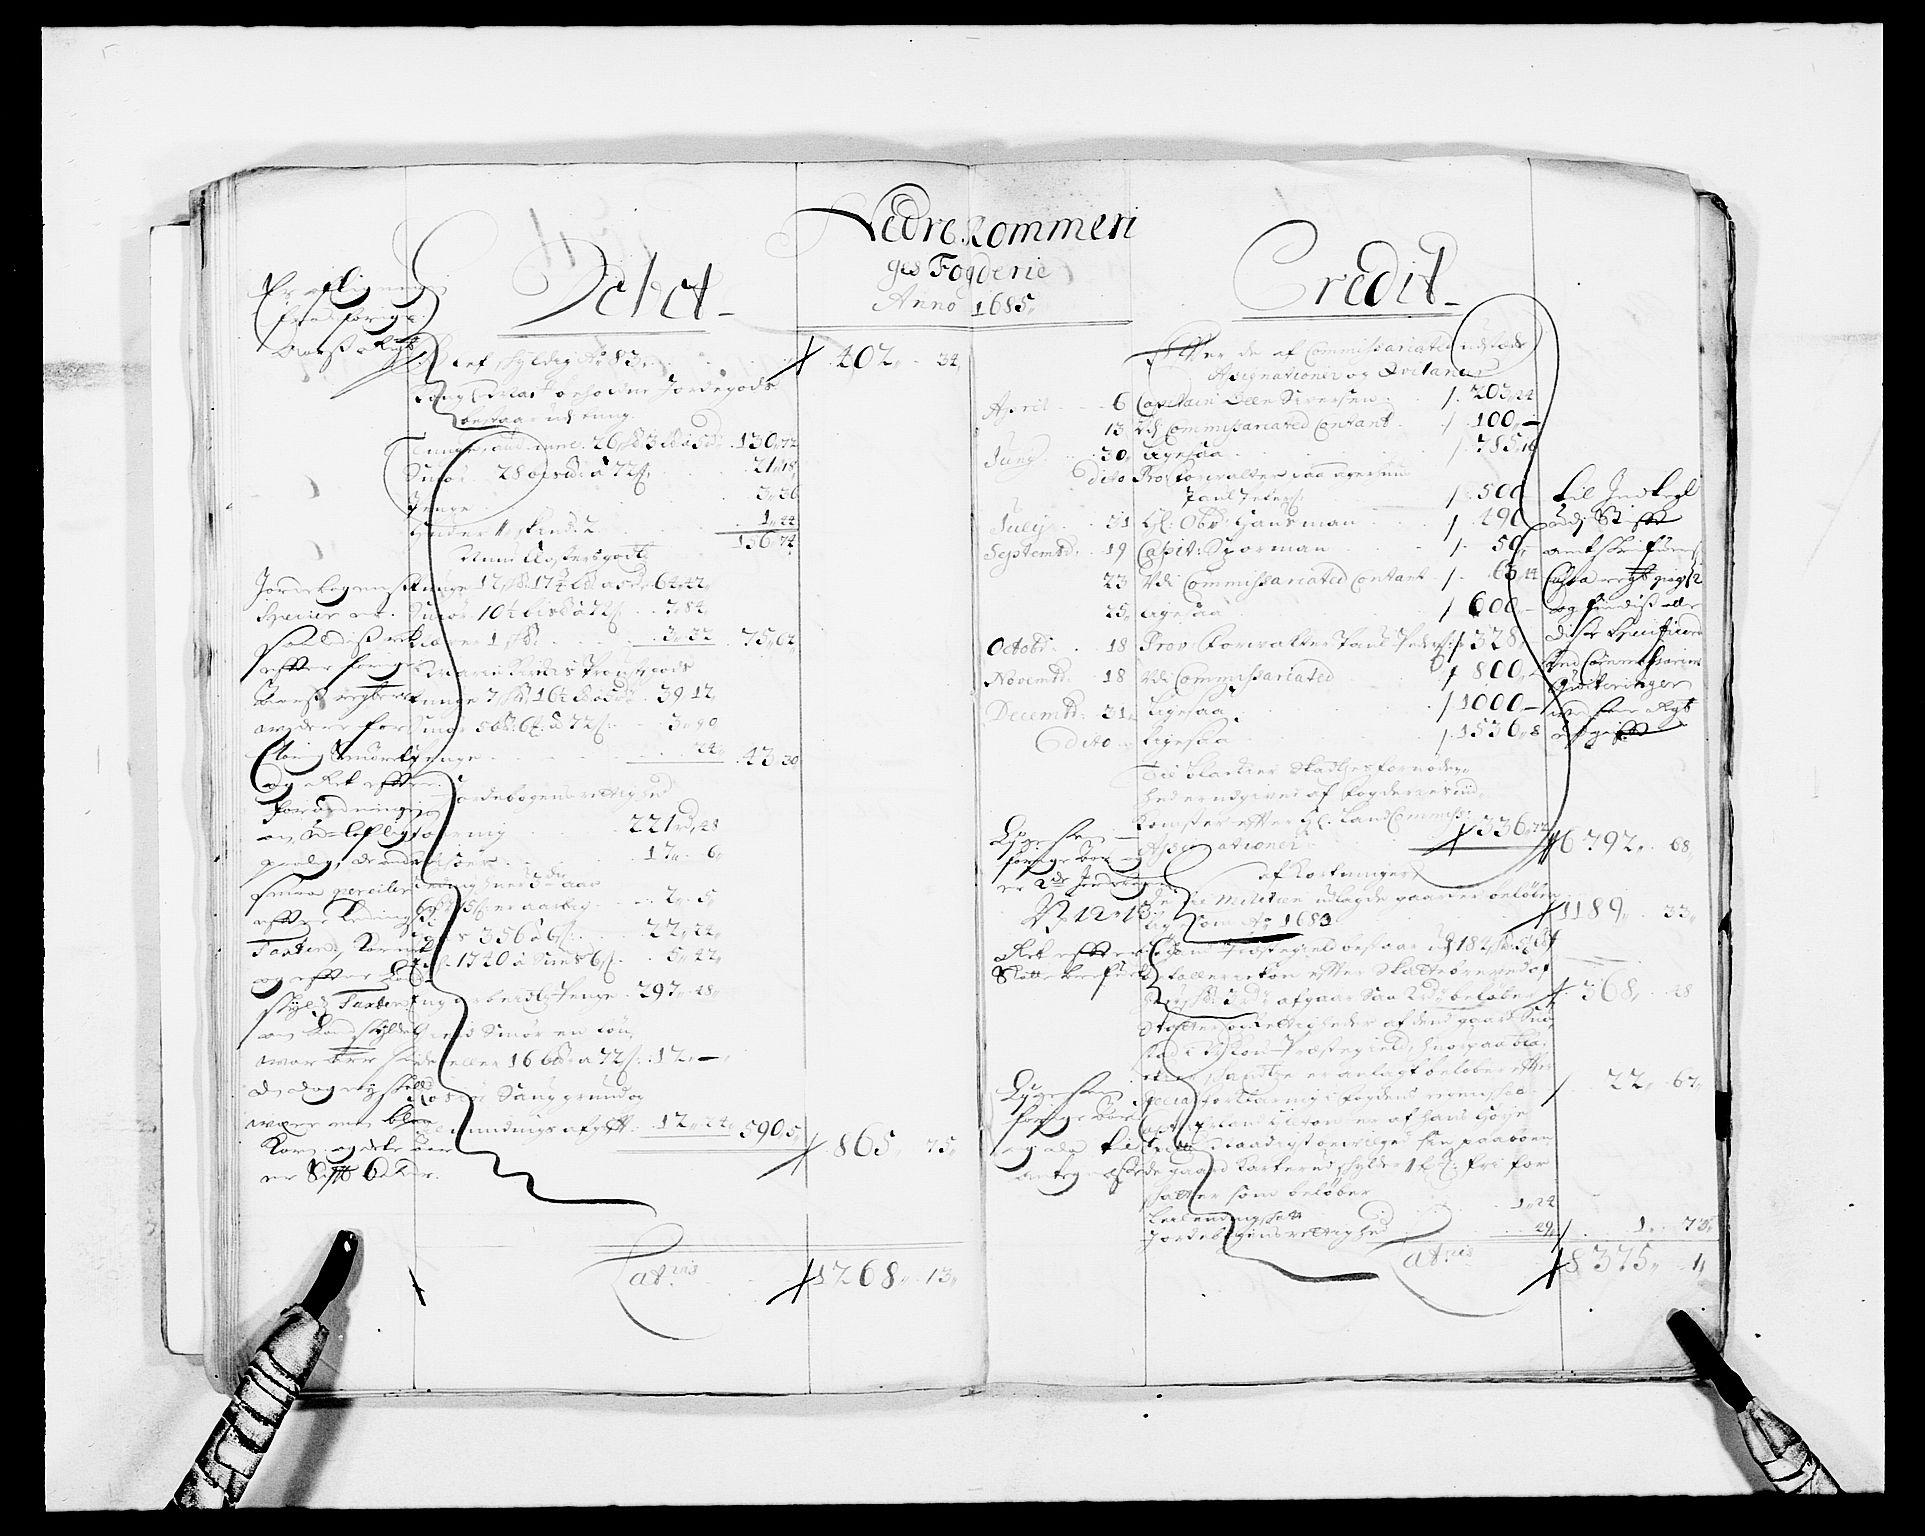 RA, Rentekammeret inntil 1814, Reviderte regnskaper, Fogderegnskap, R11/L0573: Fogderegnskap Nedre Romerike, 1679-1688, s. 168